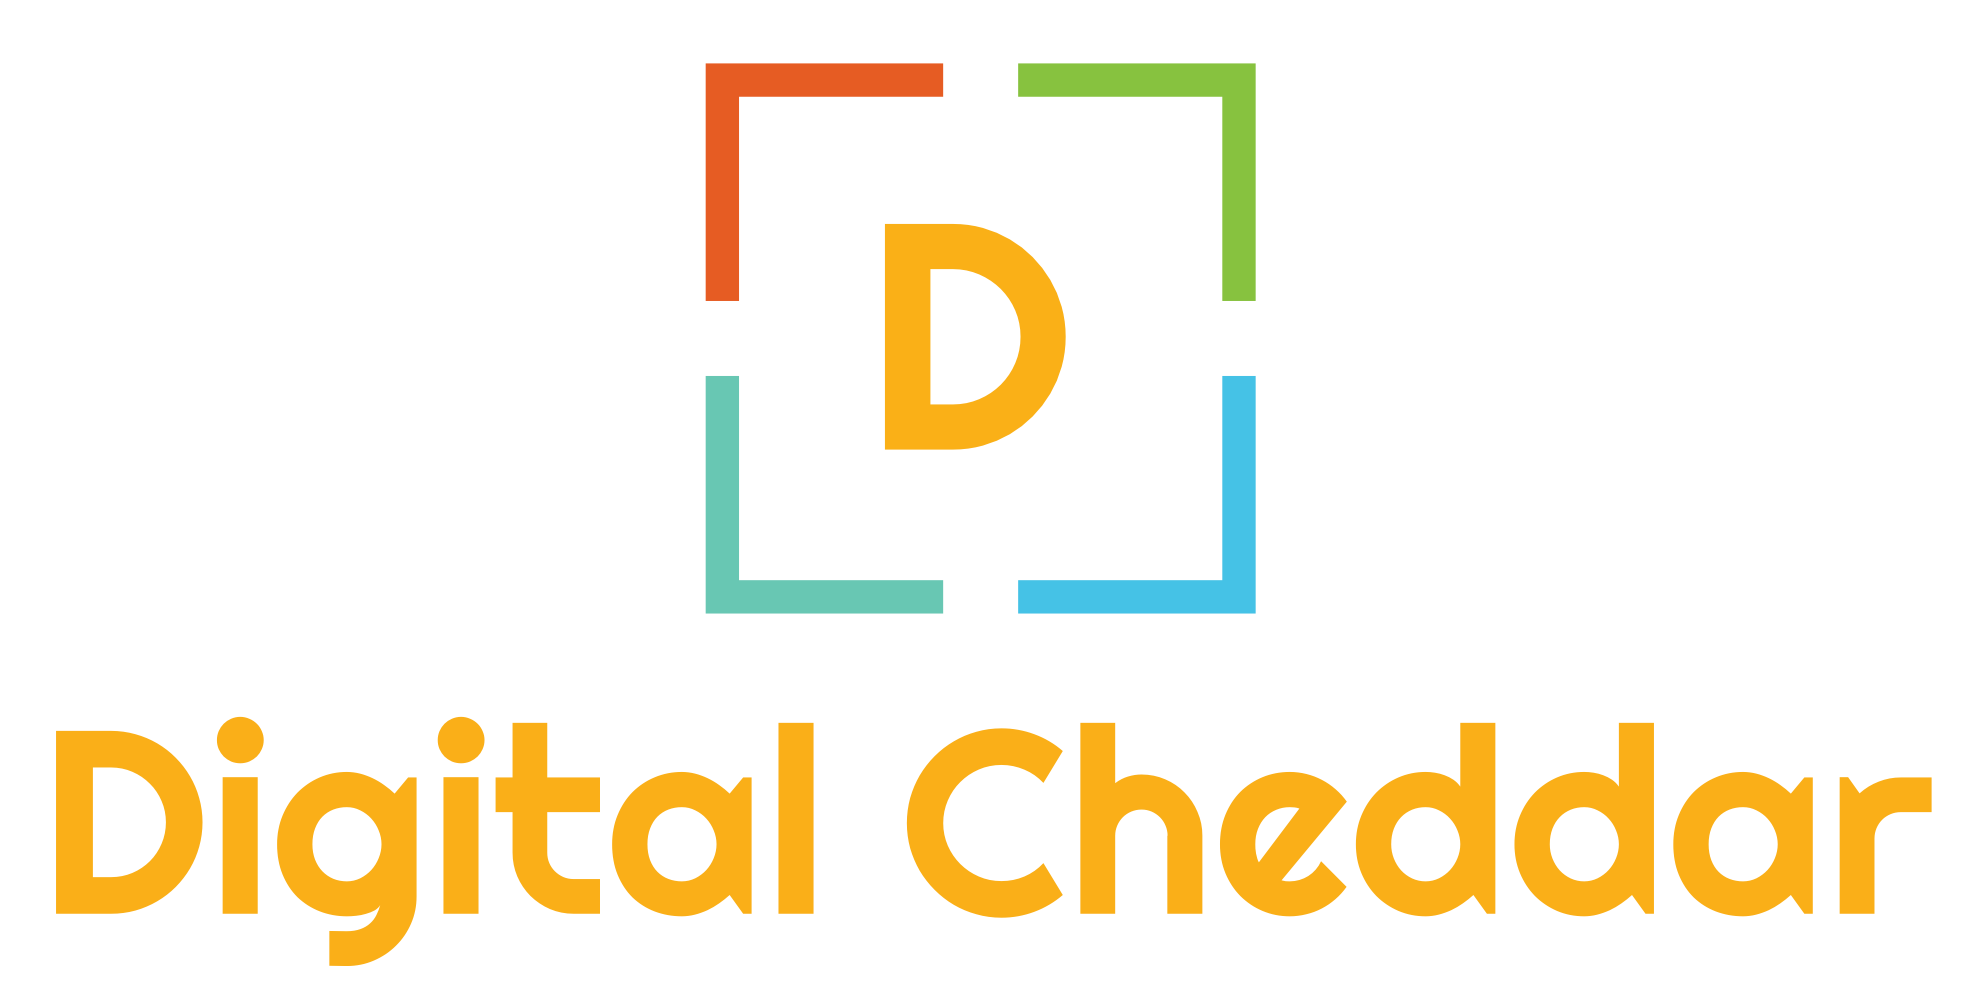 Digital Cheddar – Digital Marketing Experts